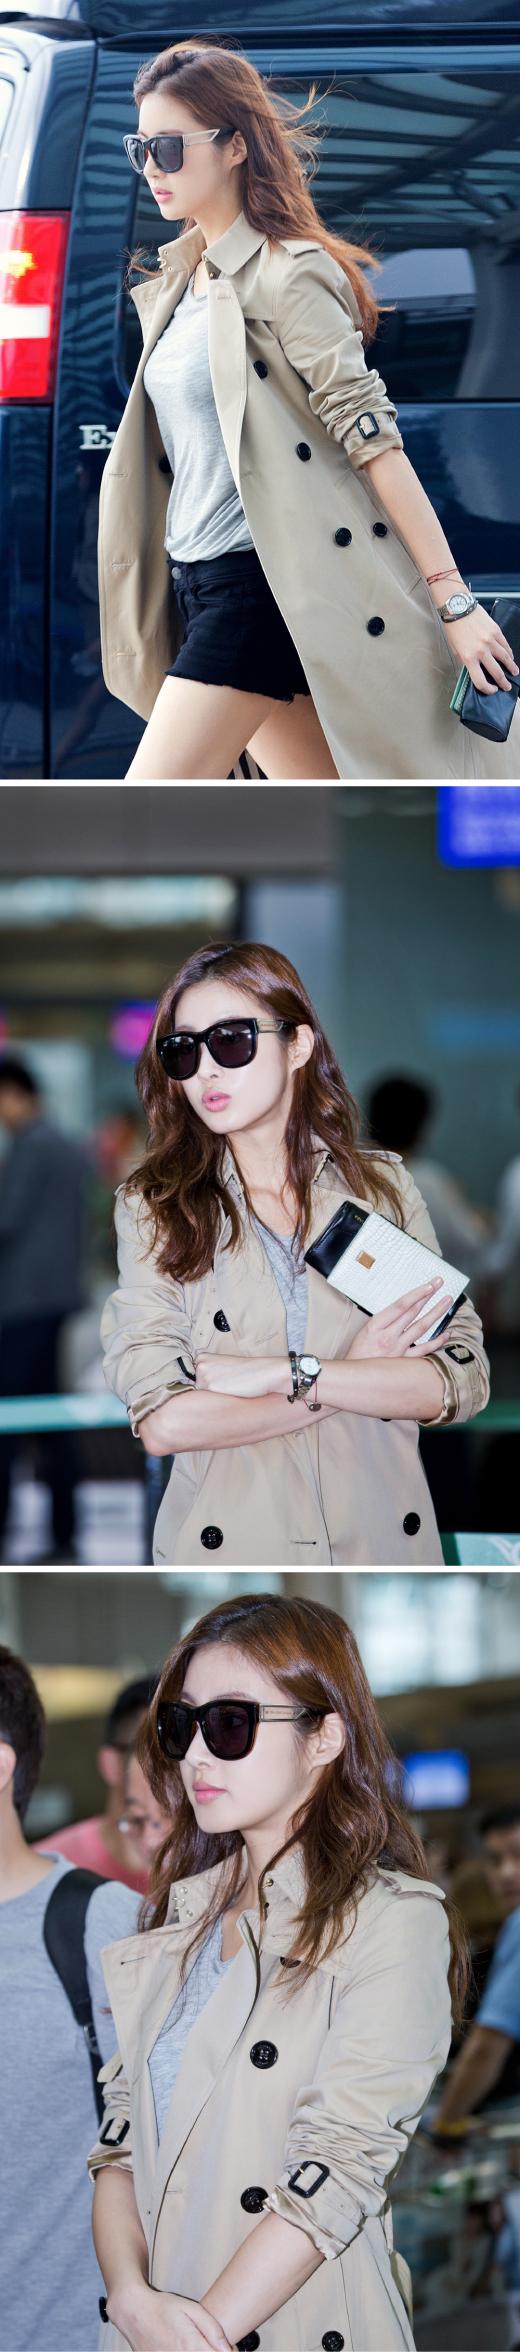 [★공항패션] 강소라, 편안한 복장에 선글라스로 패션지수 UP